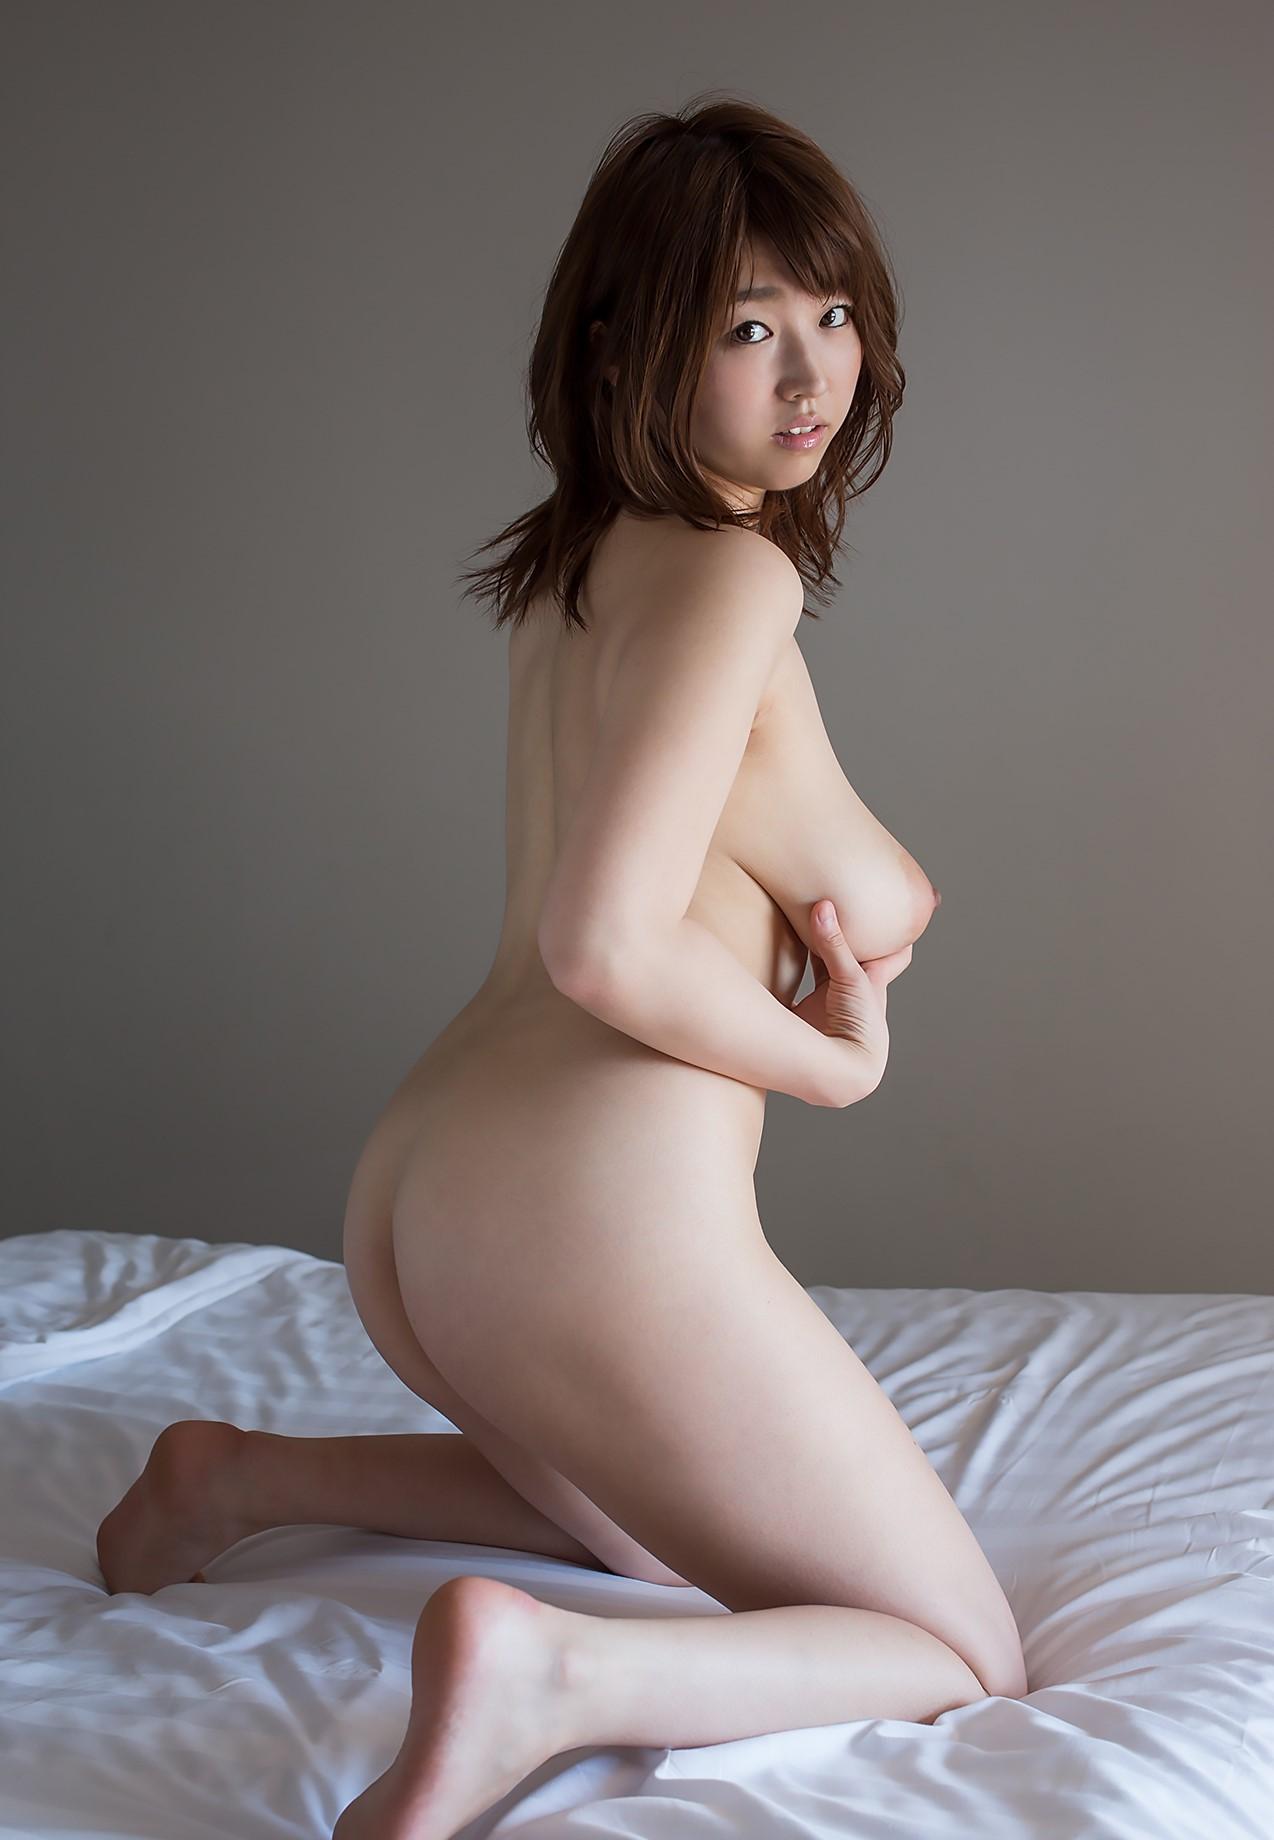 三次元 3次元 エロ画像  AV女優 松本菜奈実 ヌード べっぴん娘通信 026